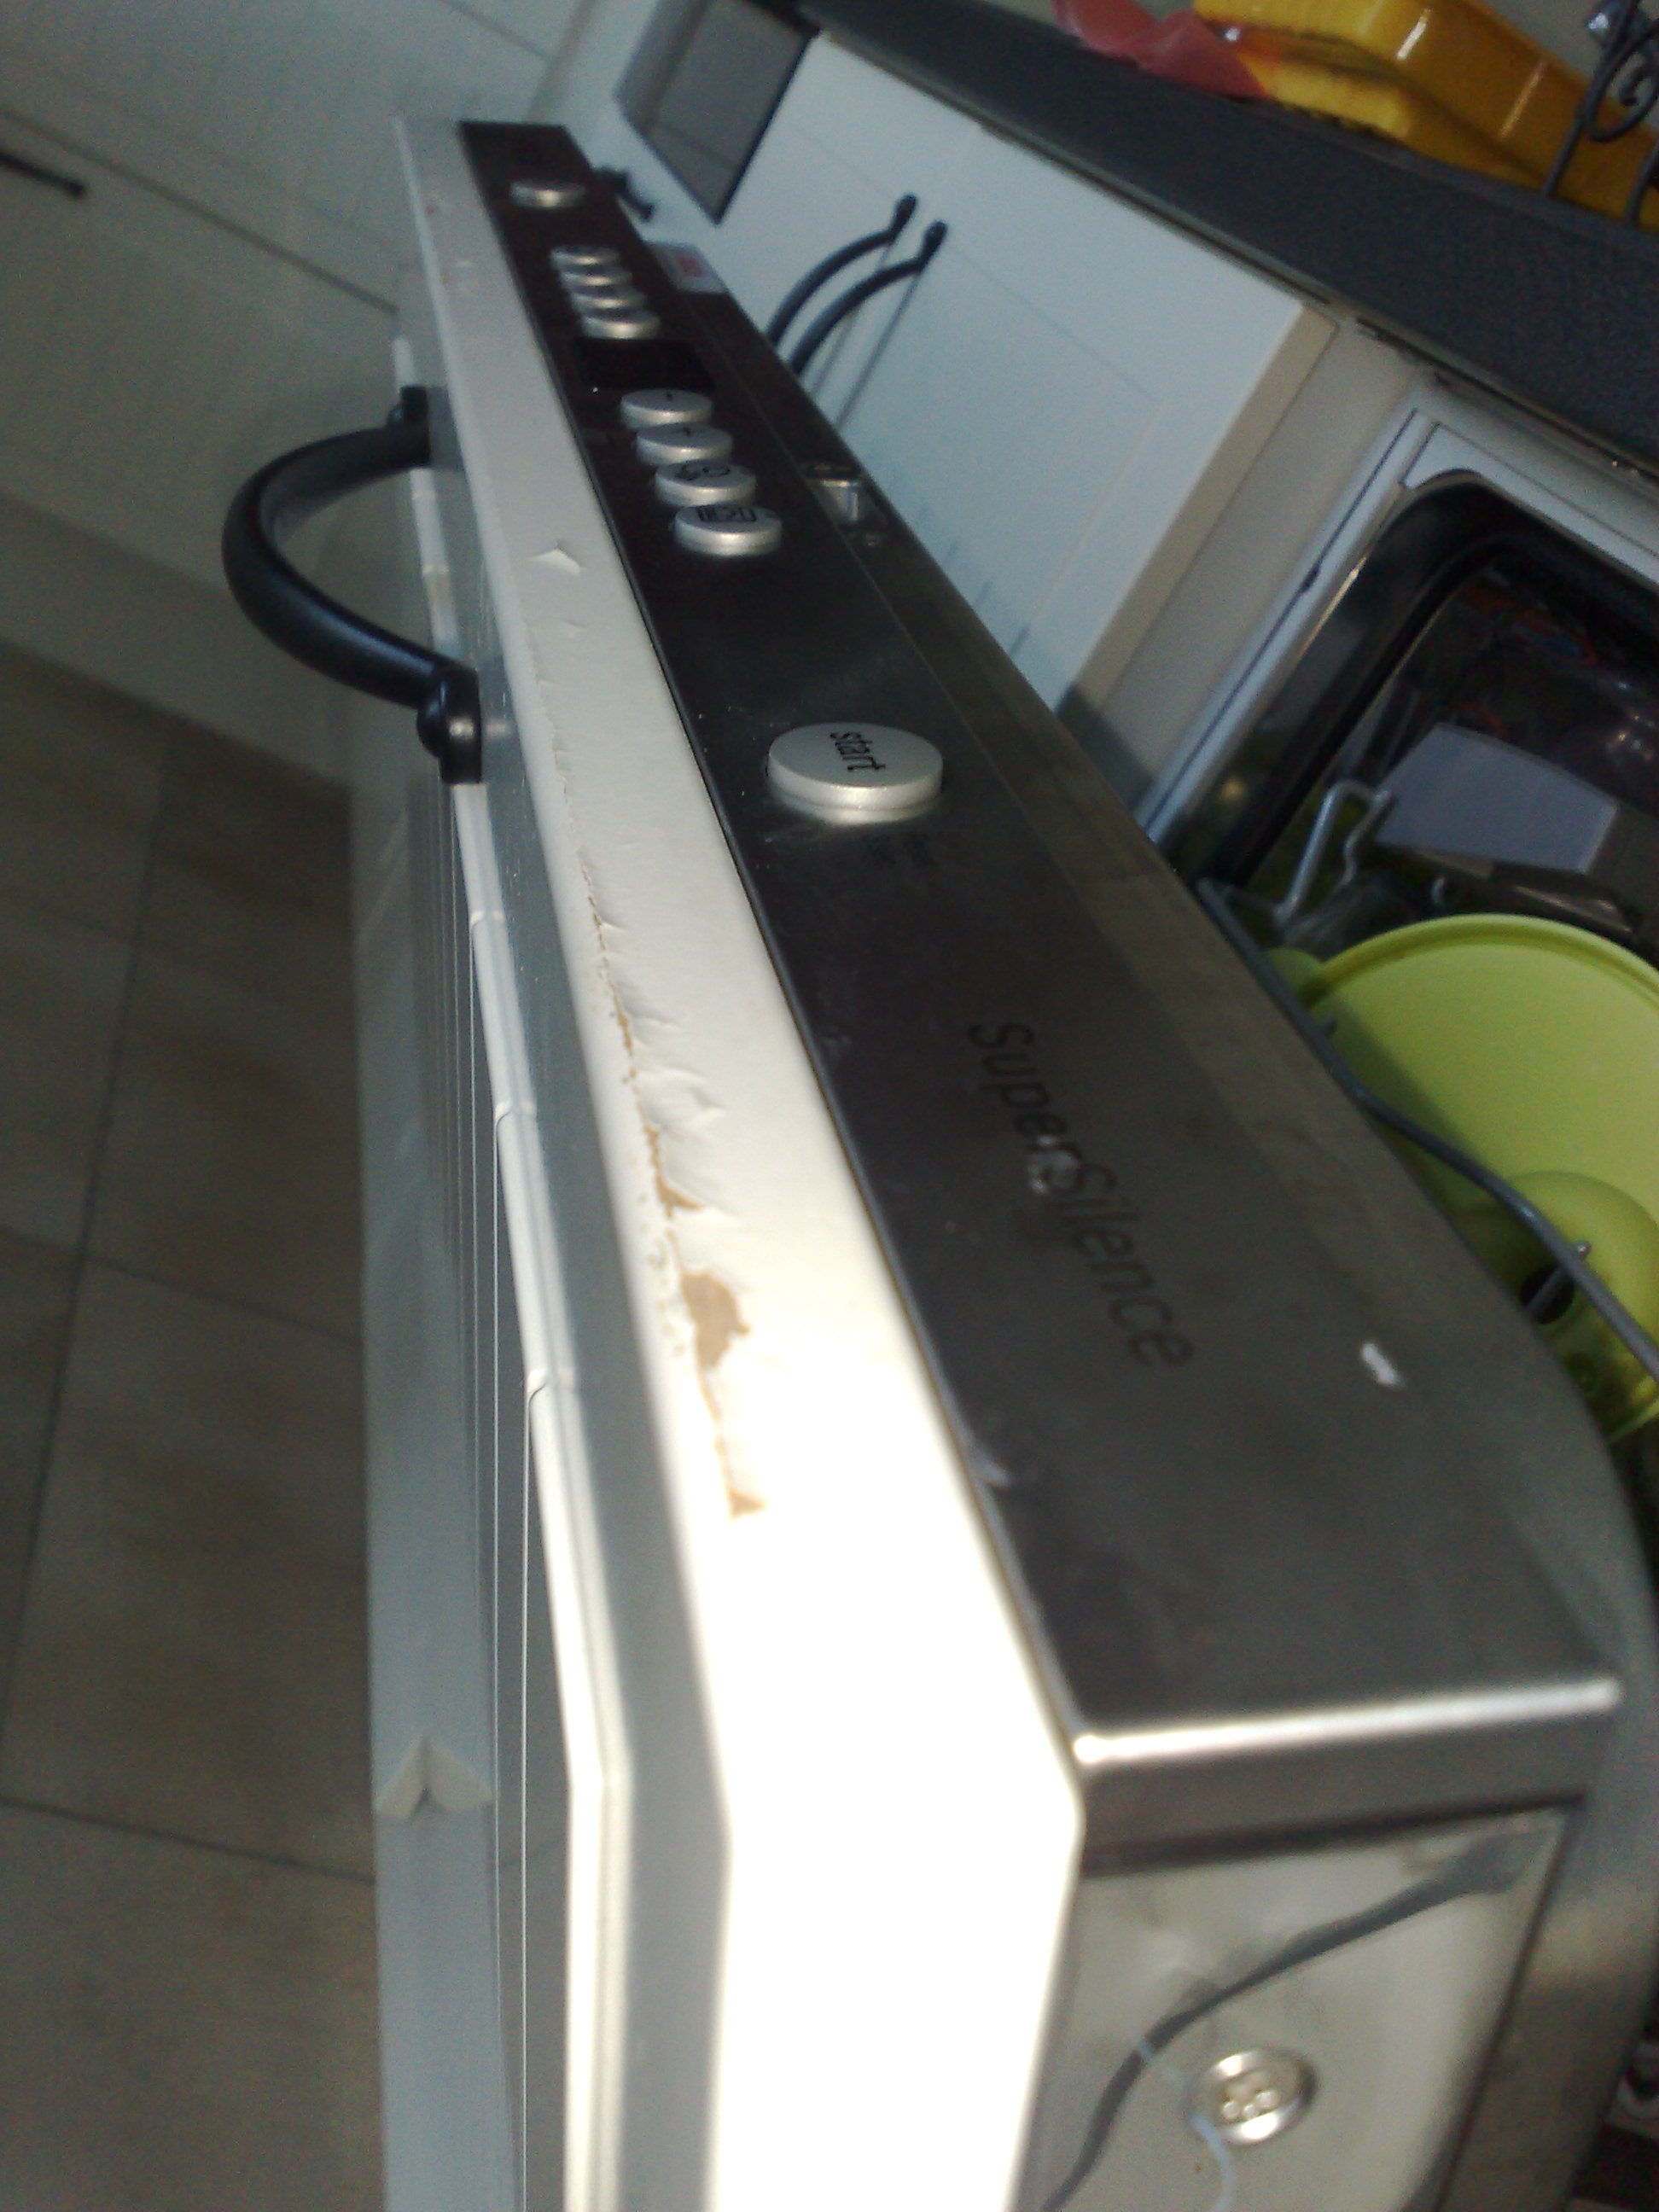 Porte cuisine lave vaisselle int grable qui cloque juste 1 an - Lave vaisselle porte a glissiere ...